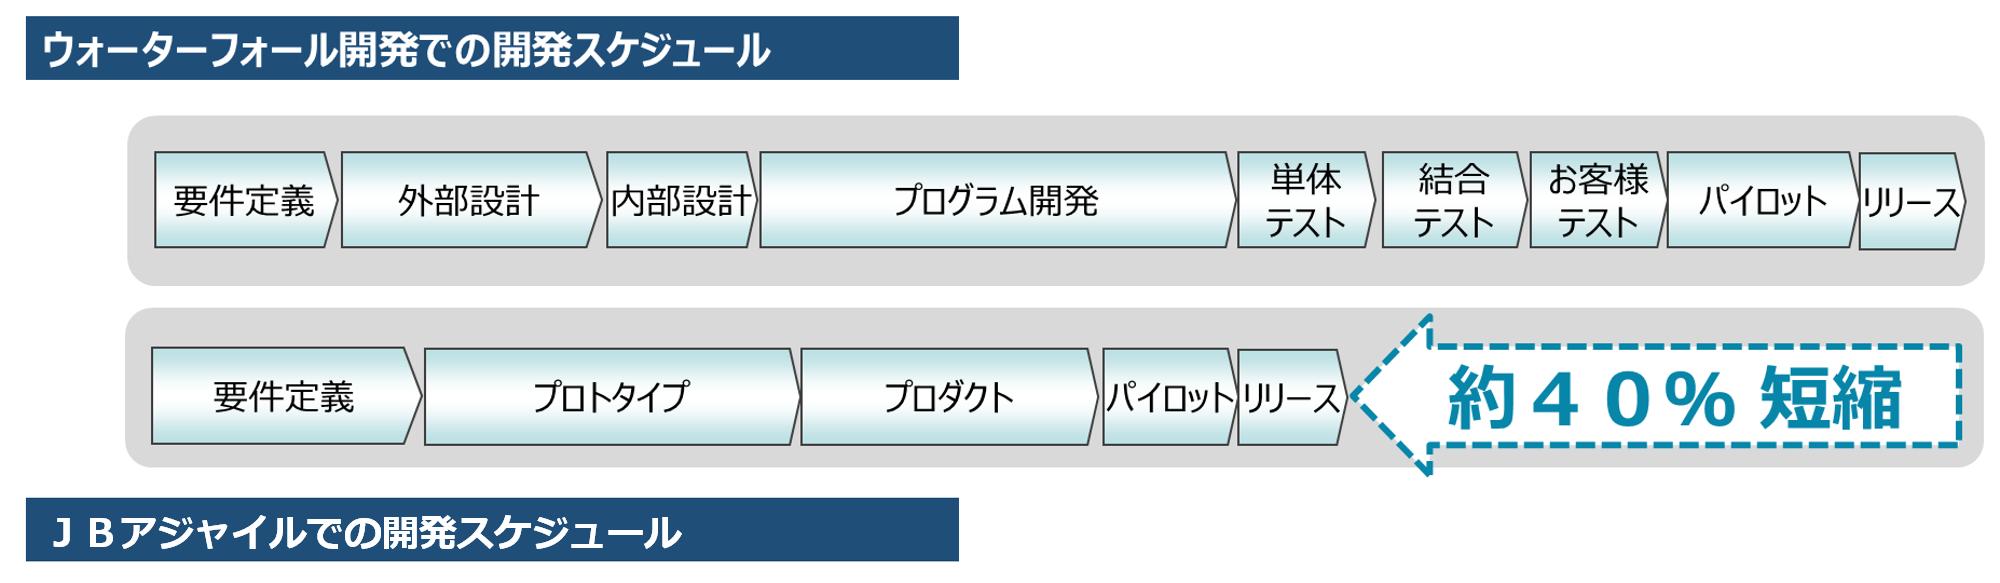 ウォーターフォール開発での開発スケジュール